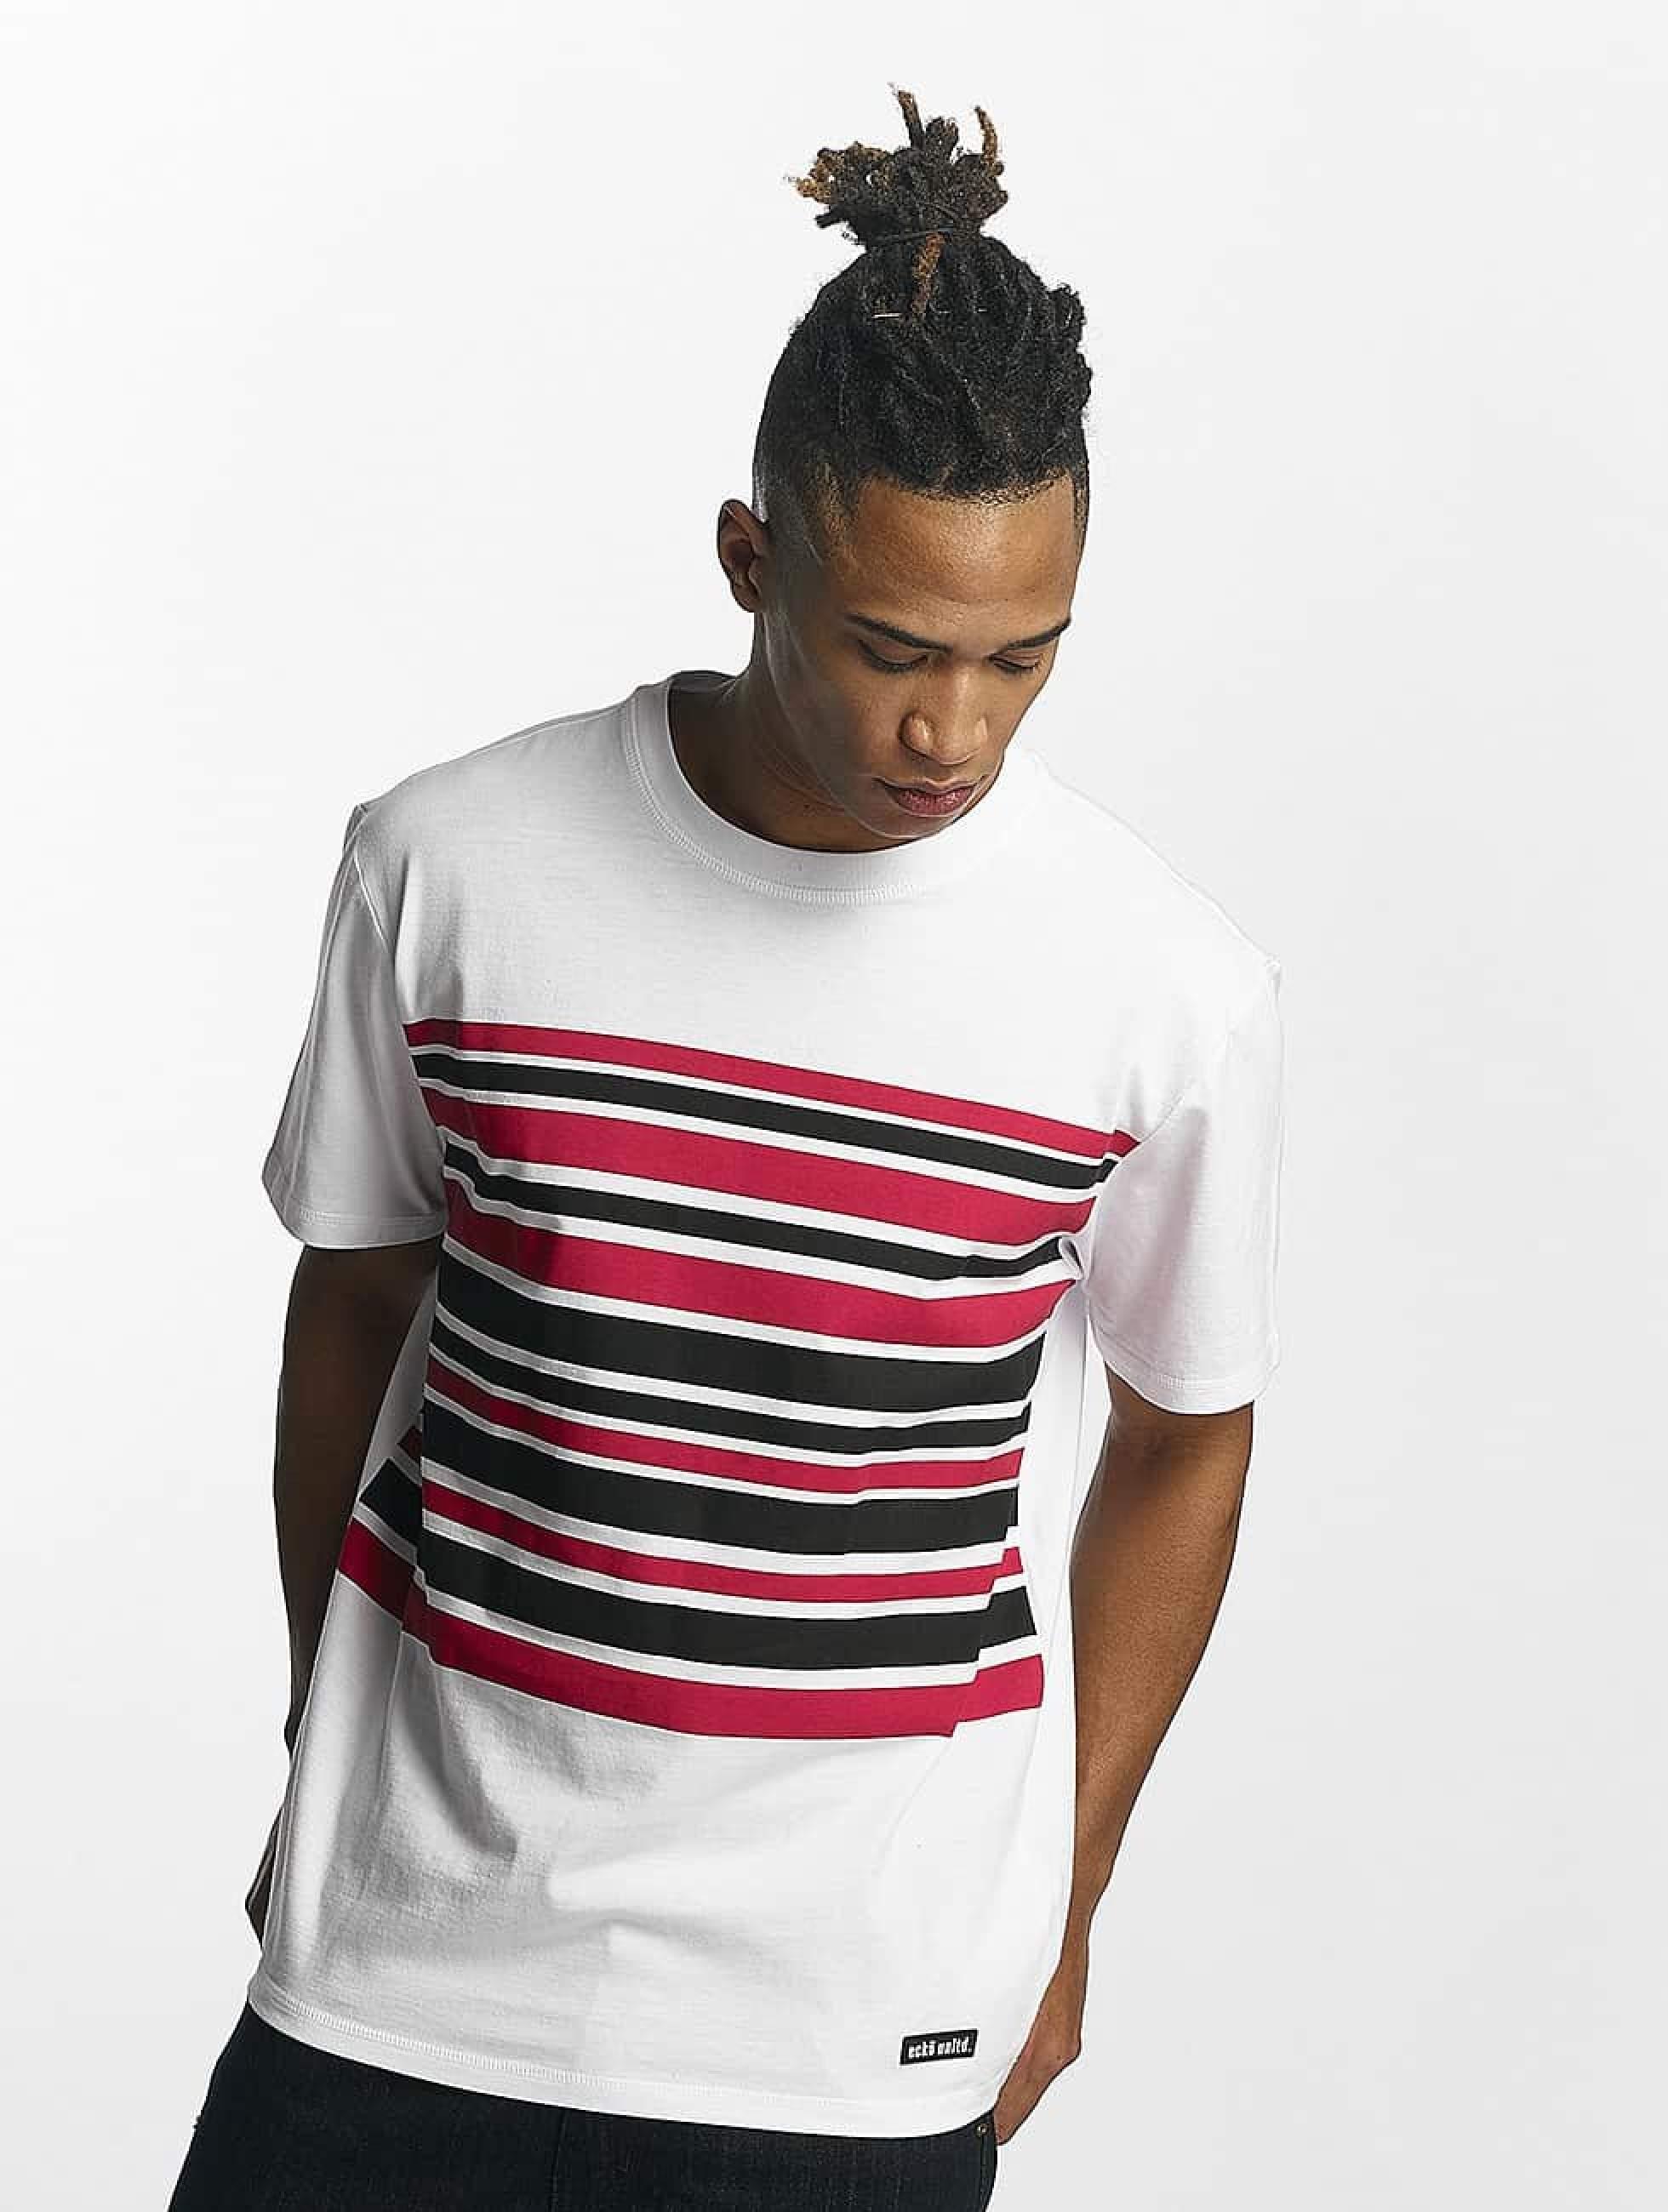 Ecko Unltd. / T-Shirt MafiaIsland in white S